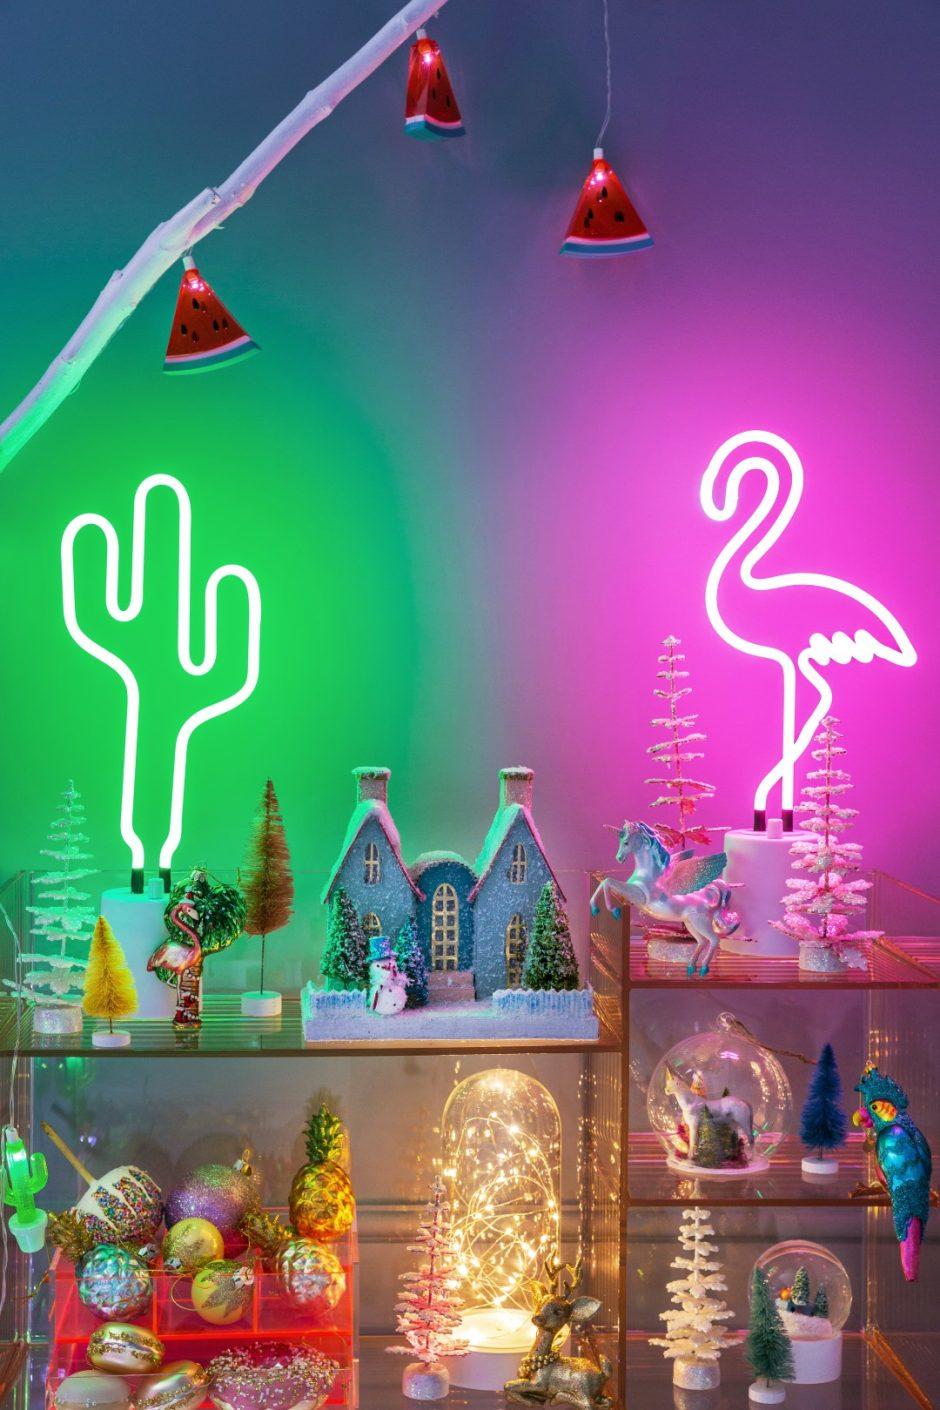 Šventiniai namai: natūralumas ar neonas?